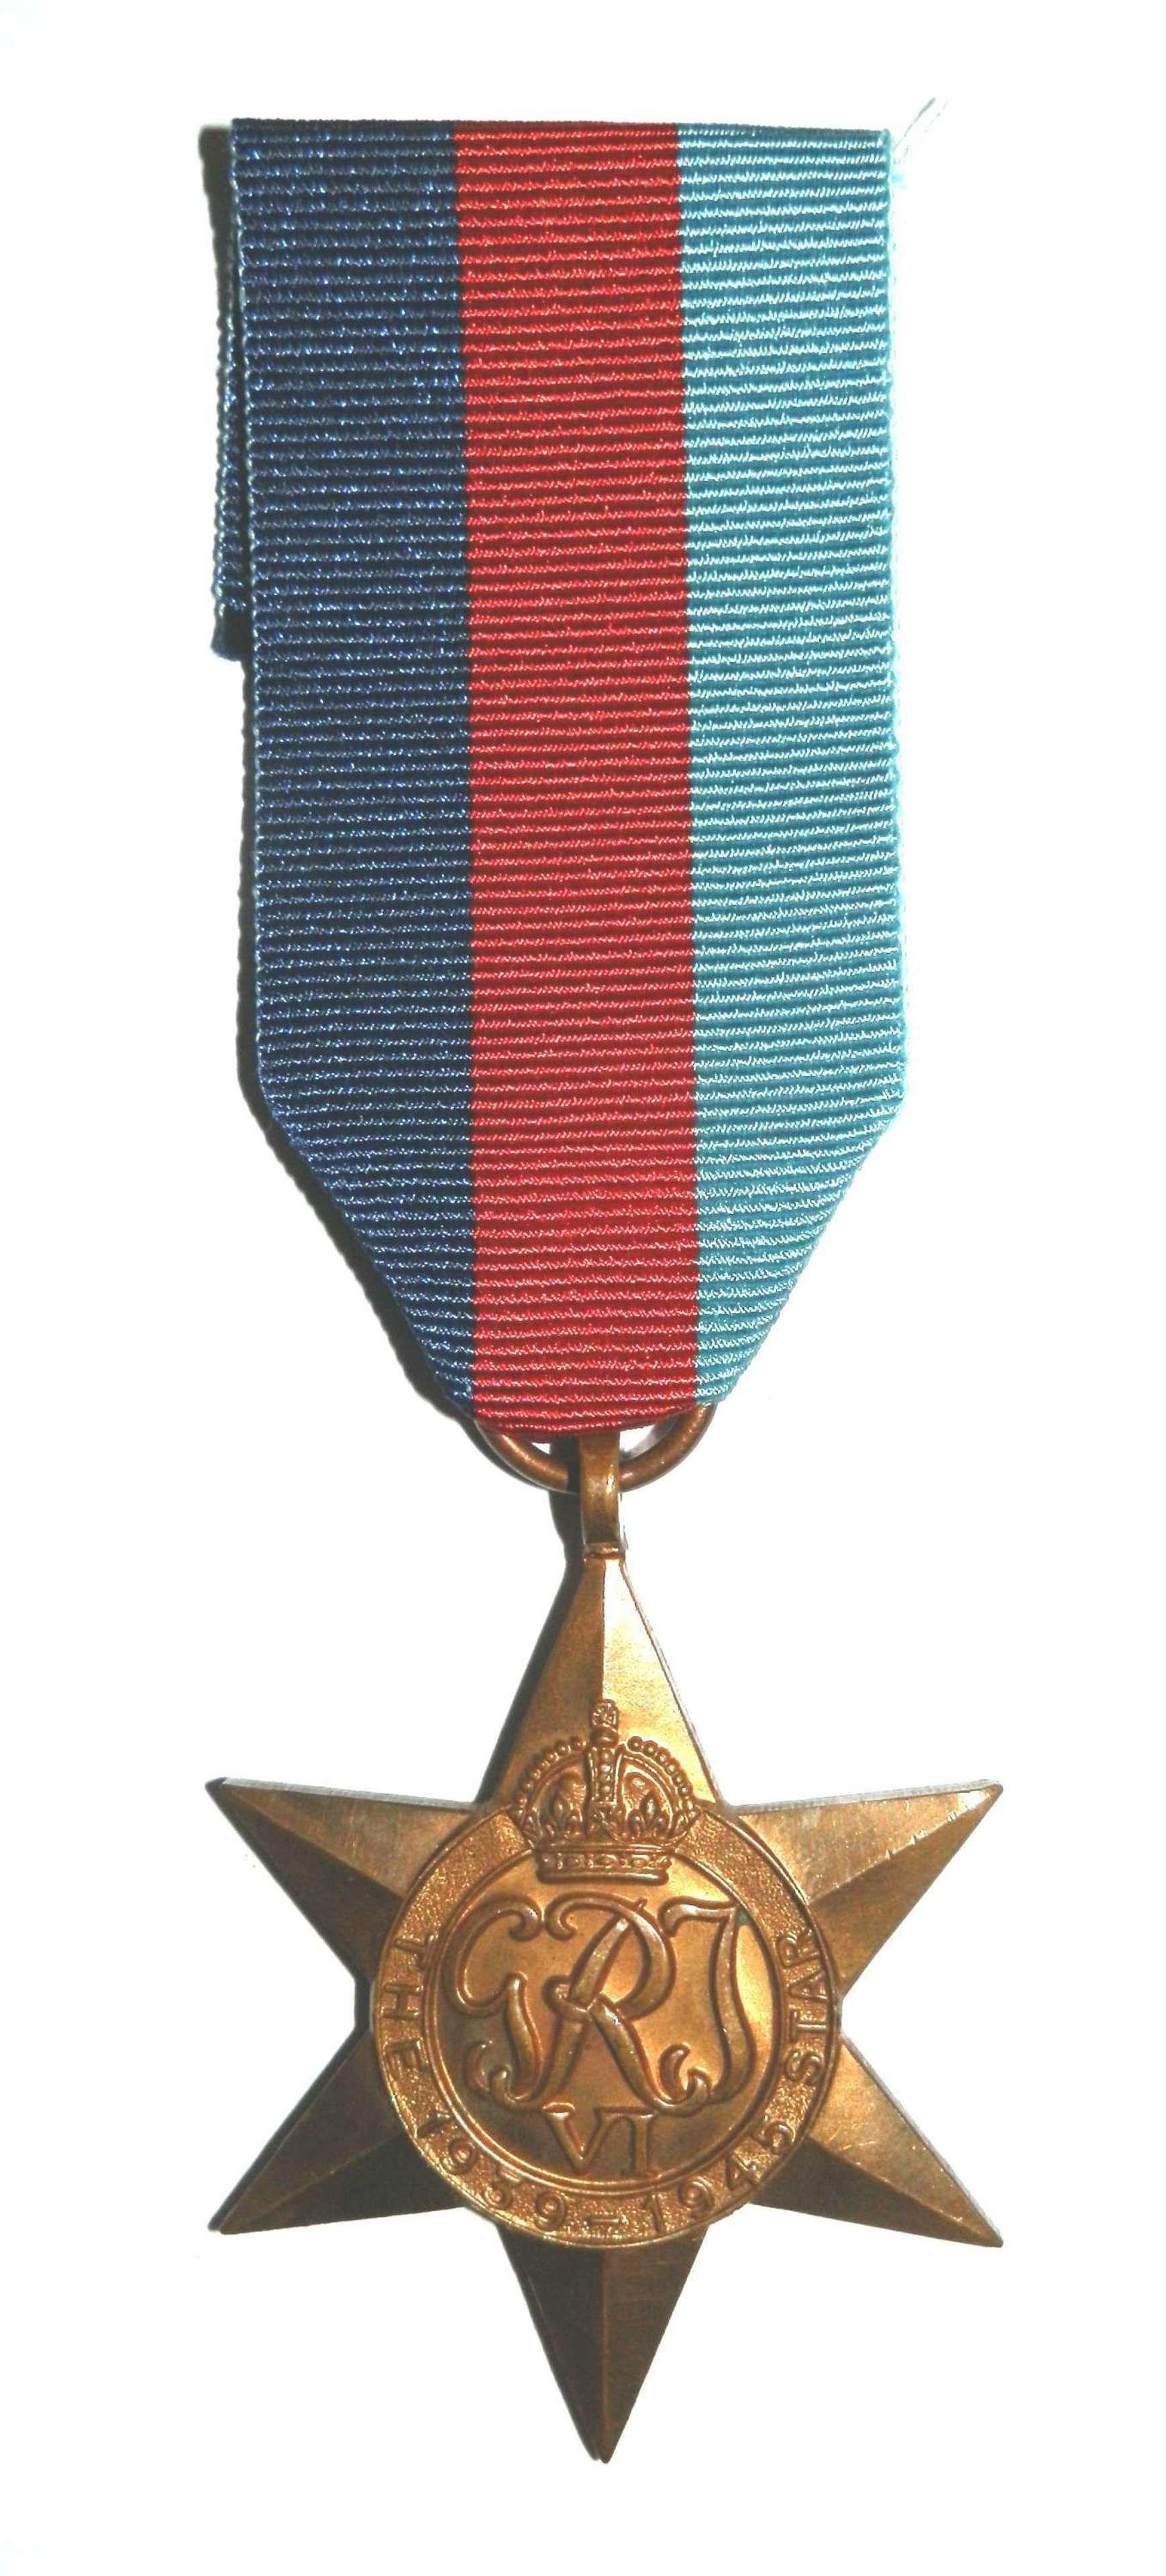 1939-45, Campaign Star.